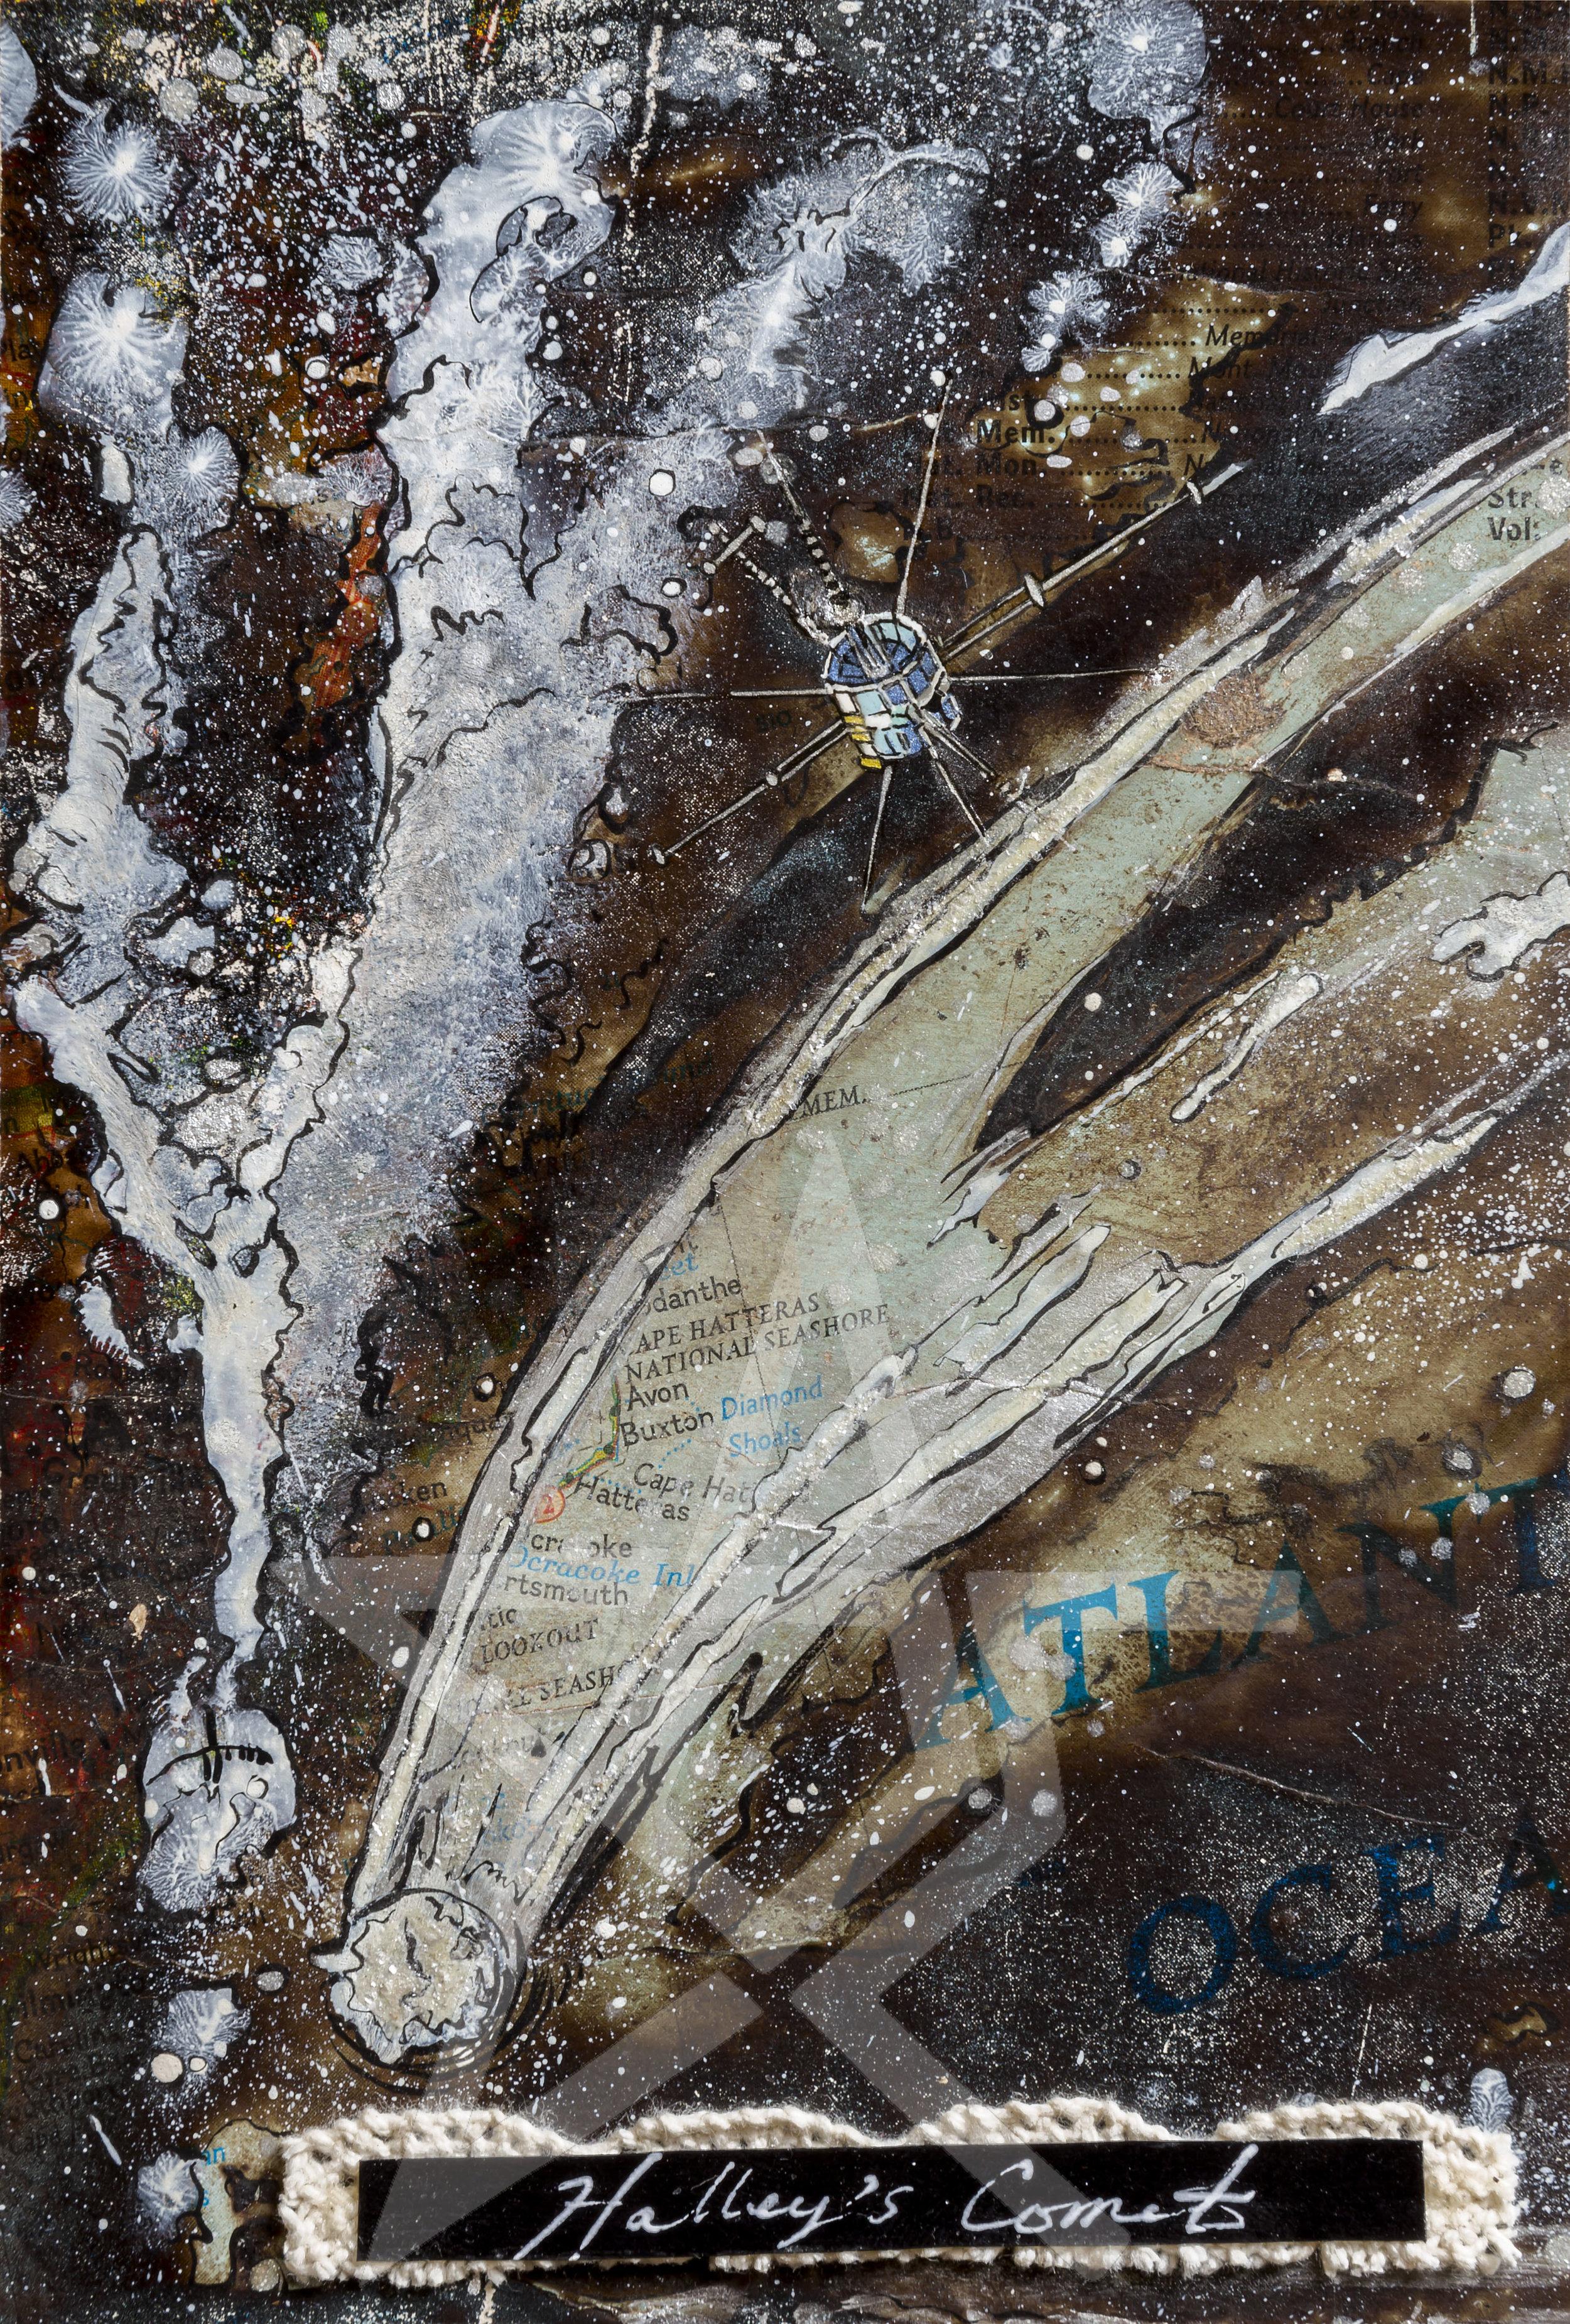 rnl HalleysComet watermarked.jpg